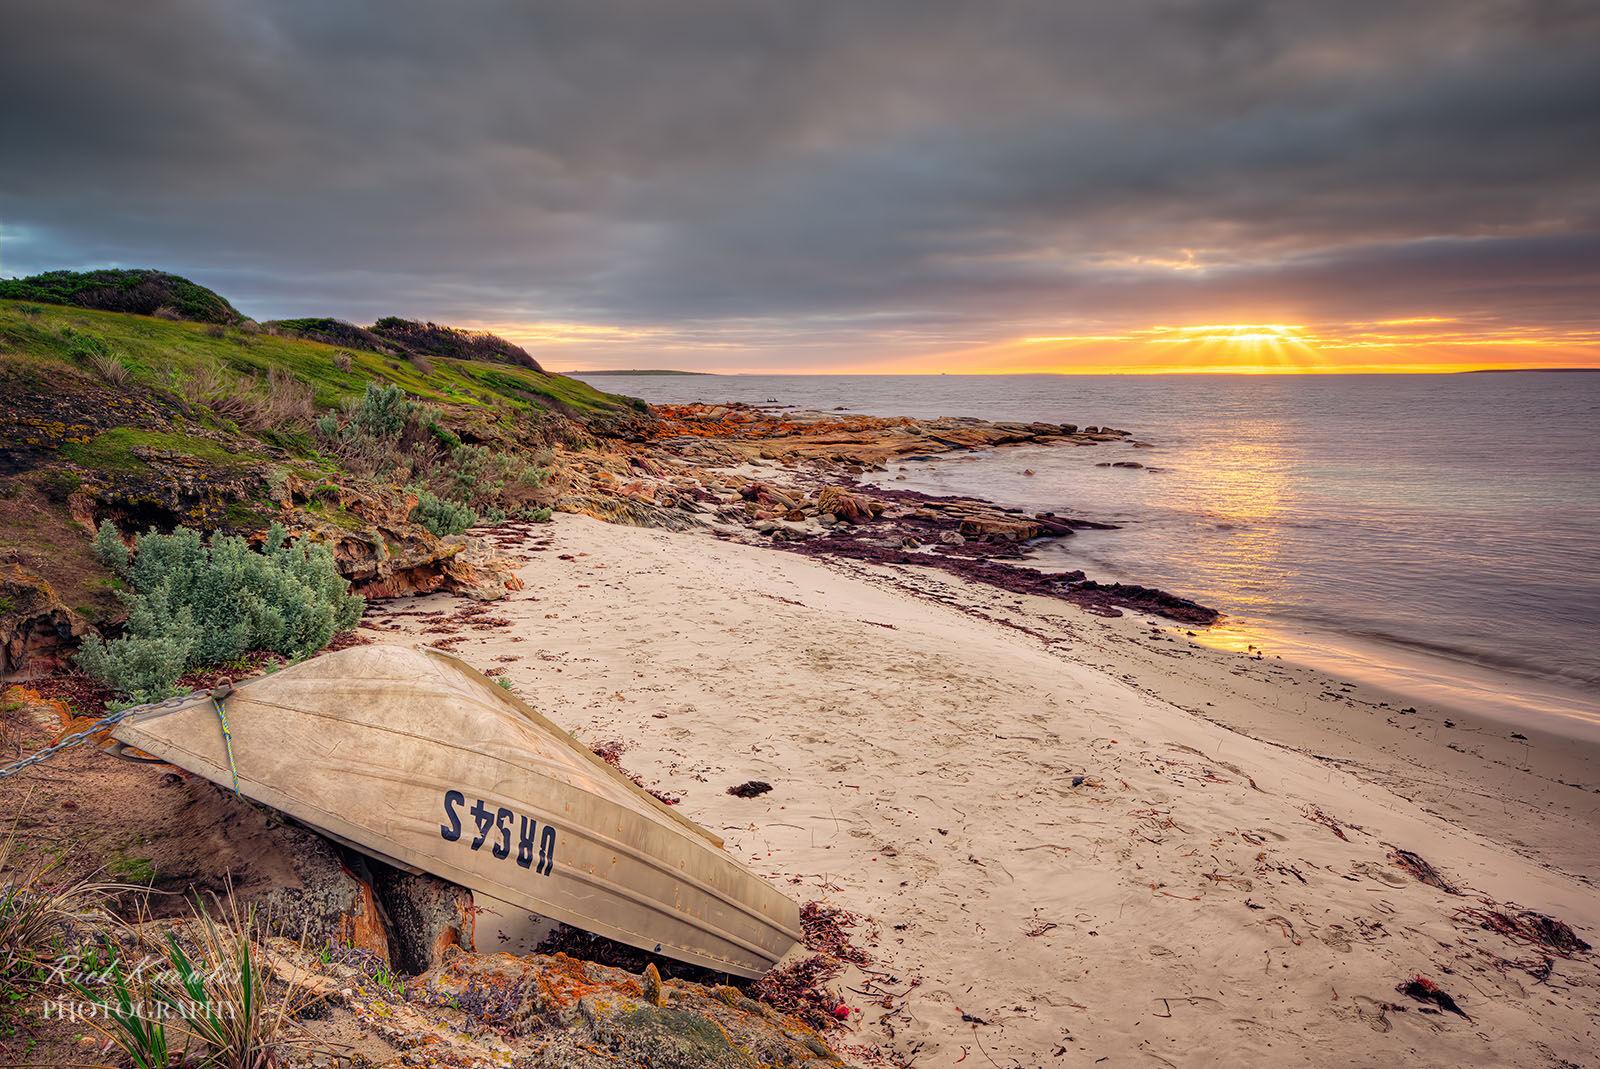 Point Boston, South Australia